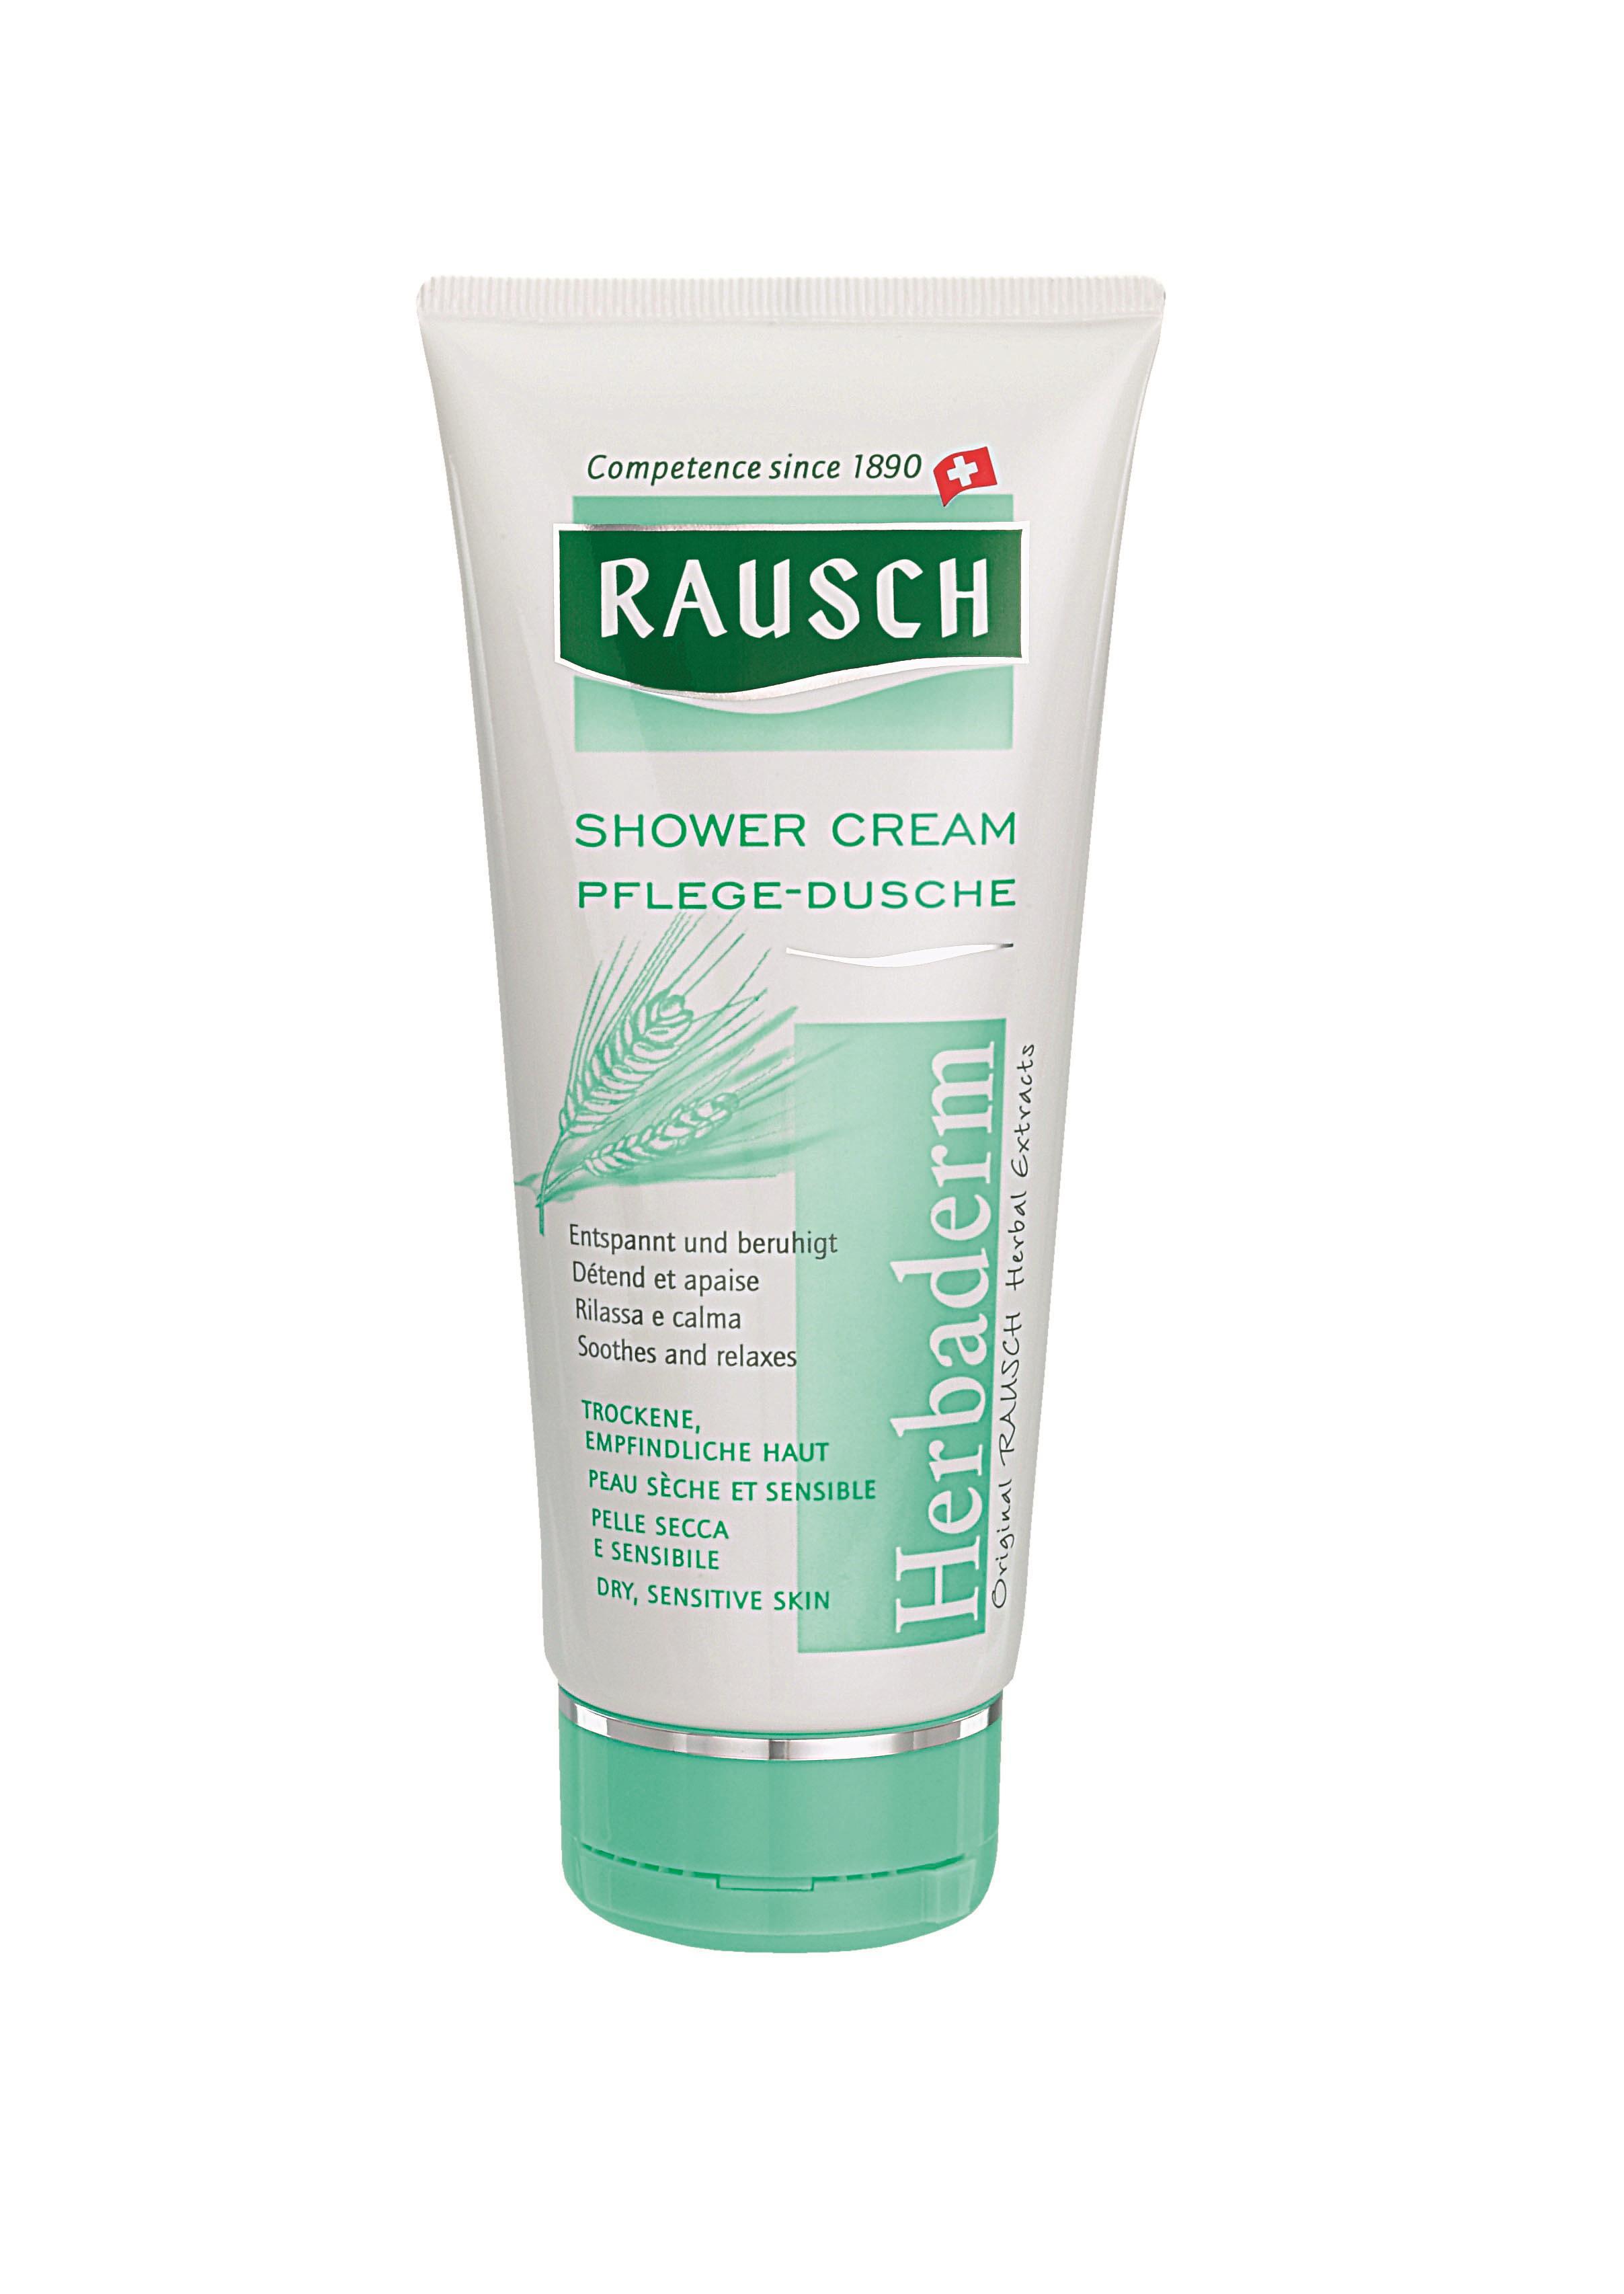 Rausch Shower Cream Pflege-Dusche